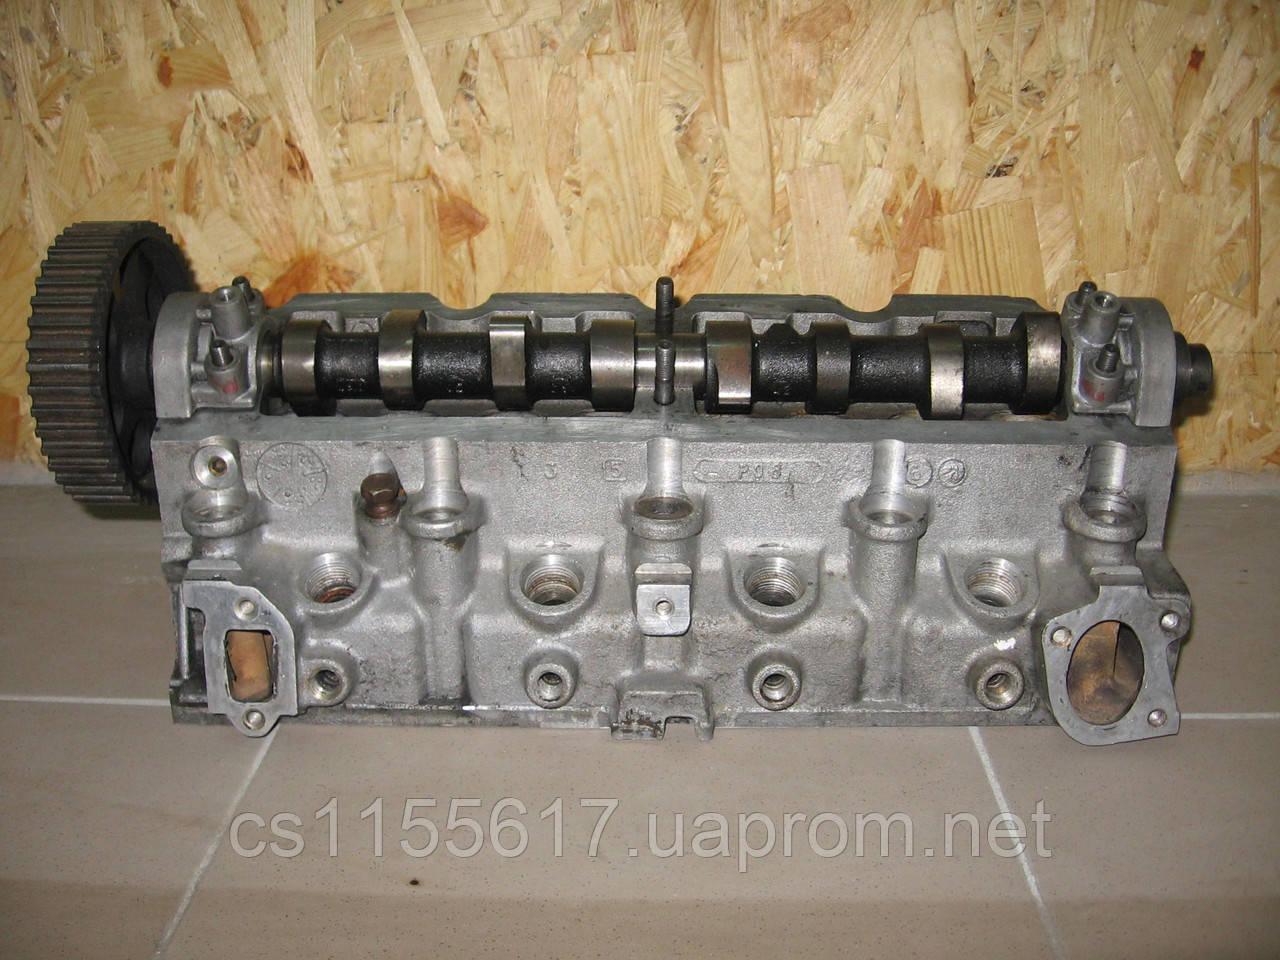 головка цилиндров ситроен берлинго 19 дизель